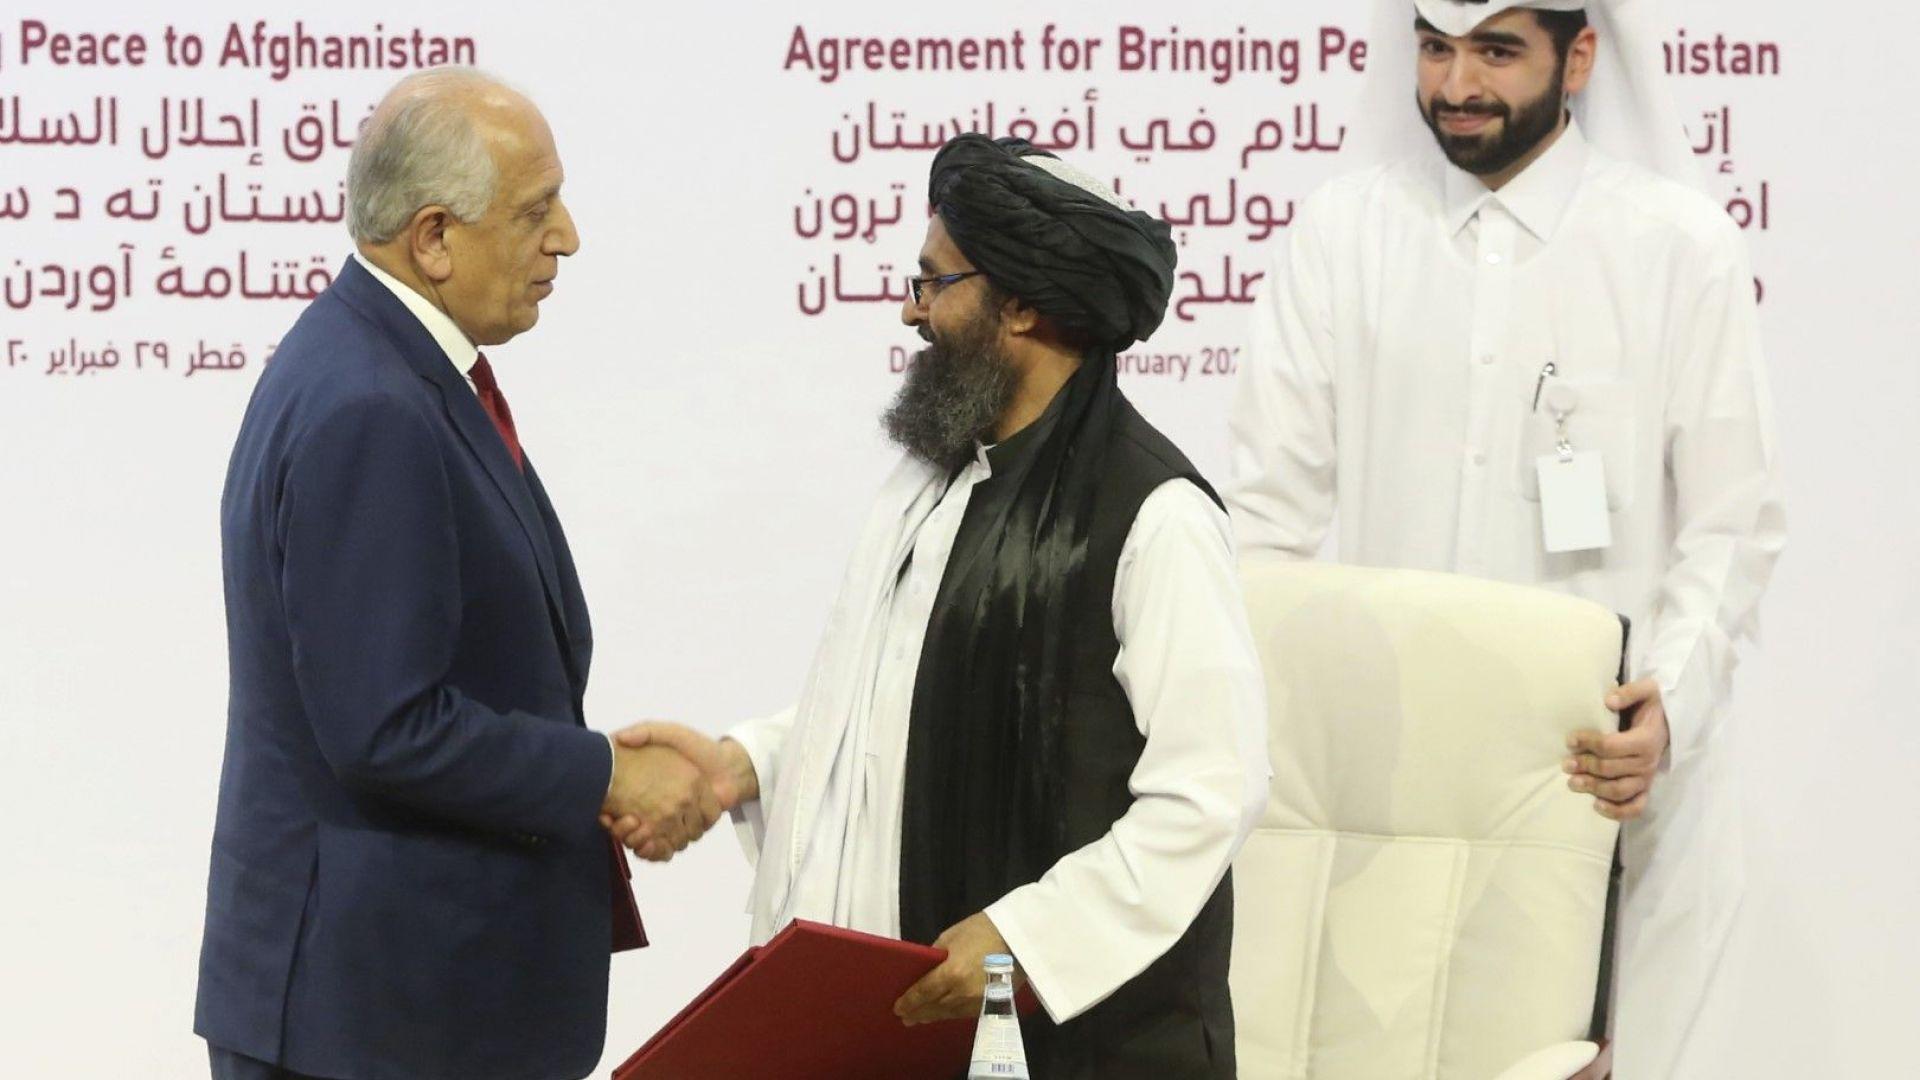 Американският дипломат Залмей Халилзад подписва споразумение с лидера на талибаните Абдул Гани Барадар